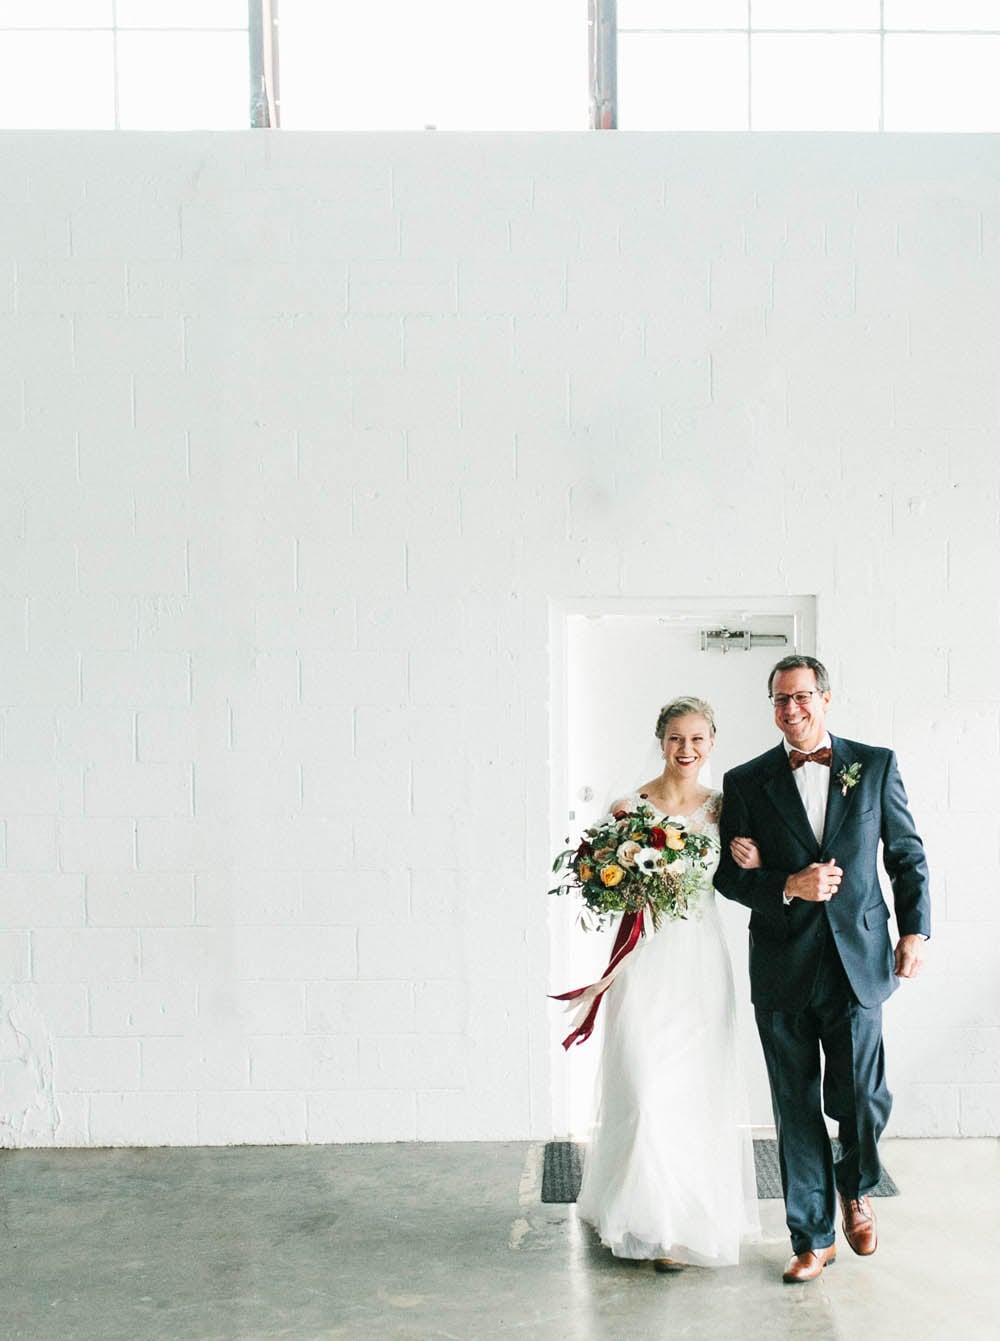 MariaLamb-Branden-Sammi-Wedding228.jpg